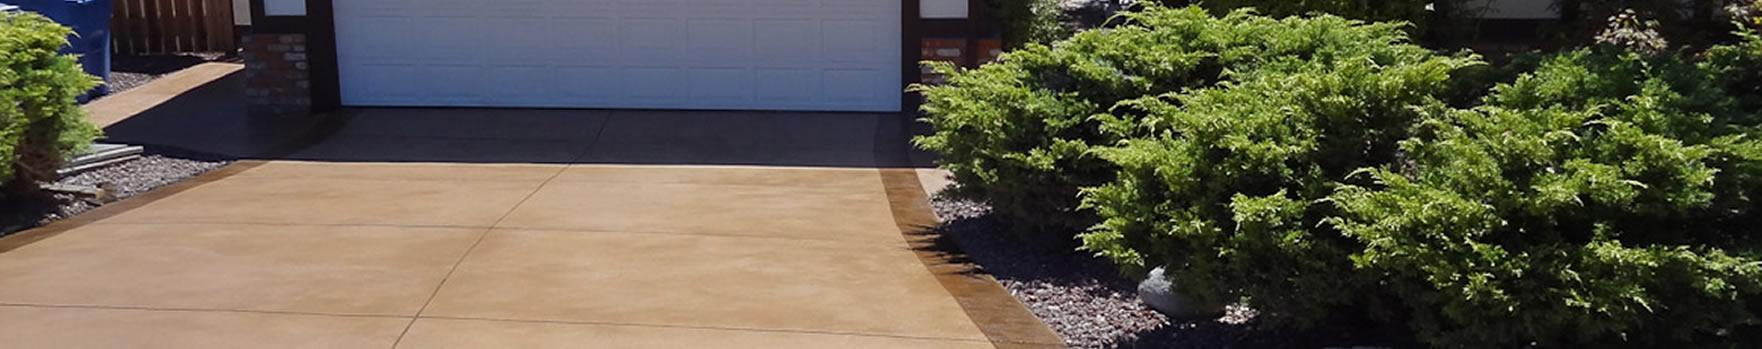 New Driveways Concrete Design Ideas